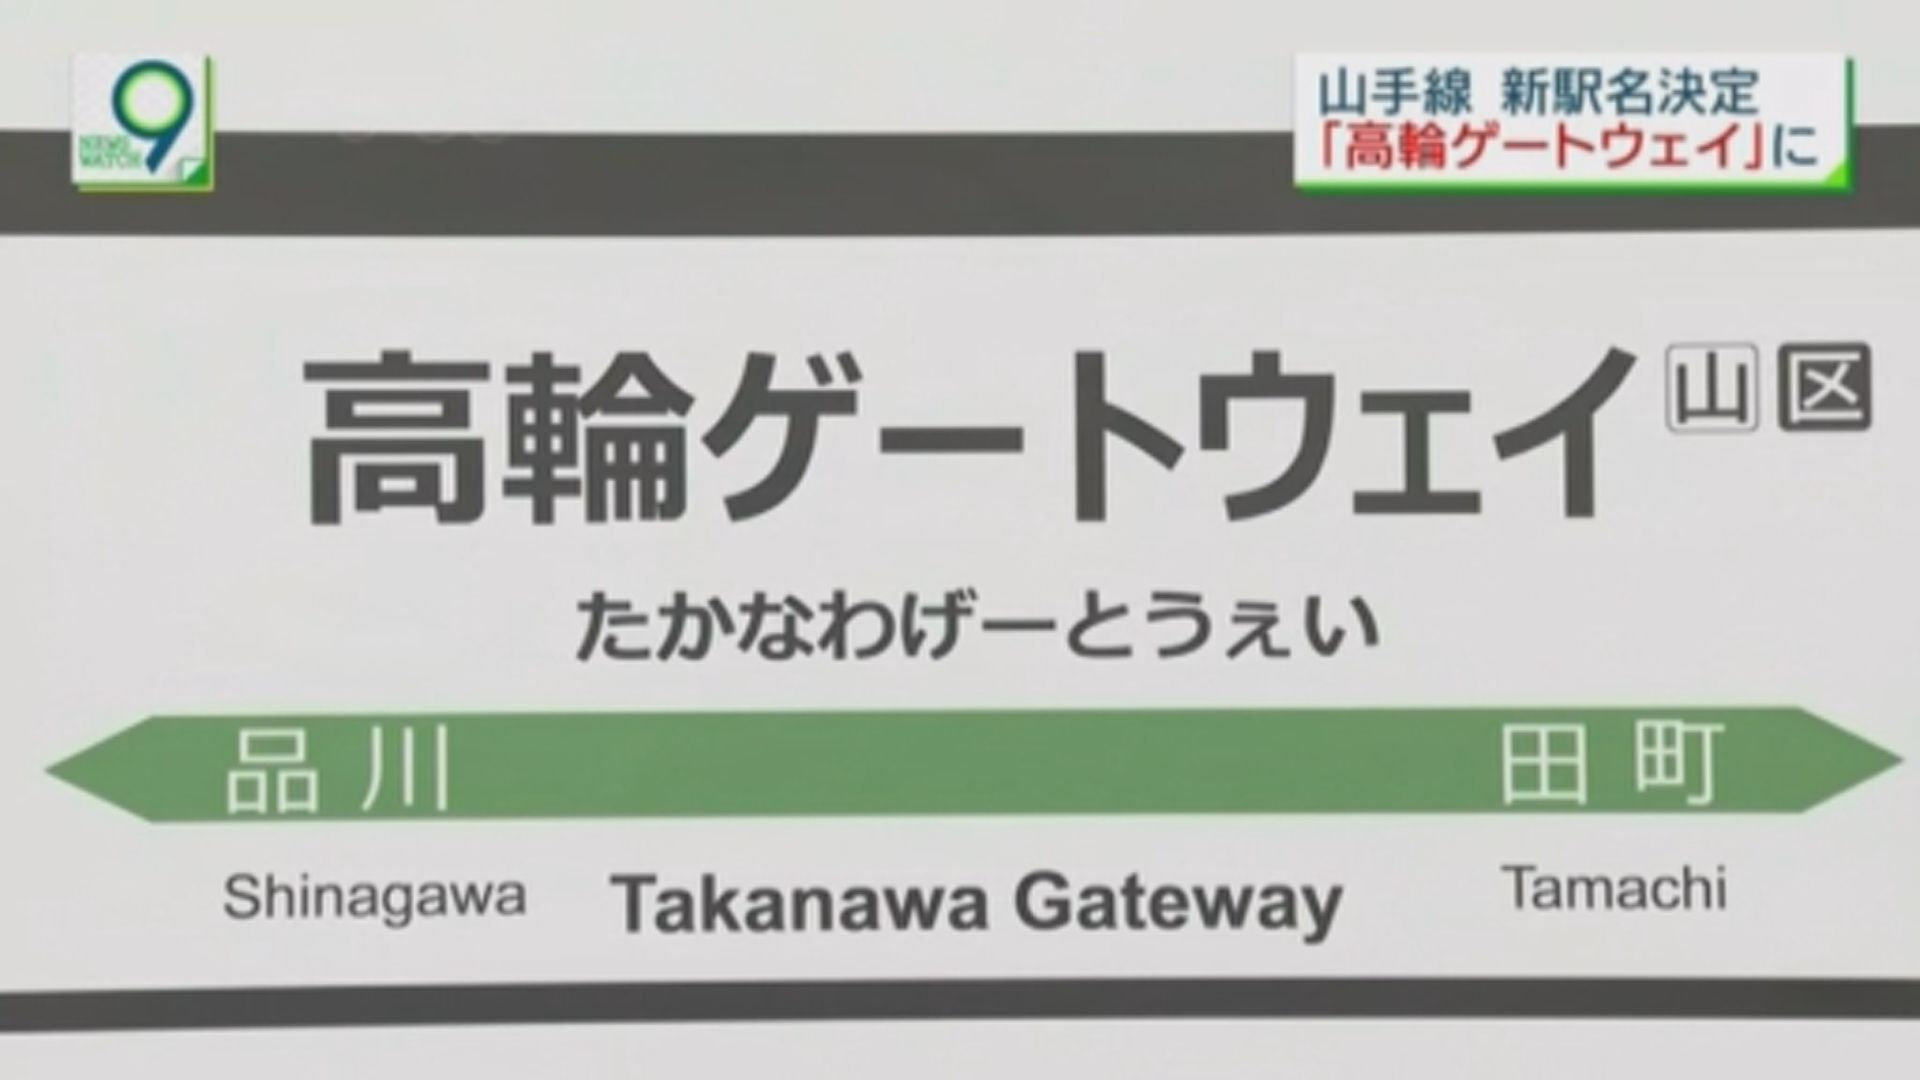 【環球薈報】JR東日本山手線新車站命名為高輪入口